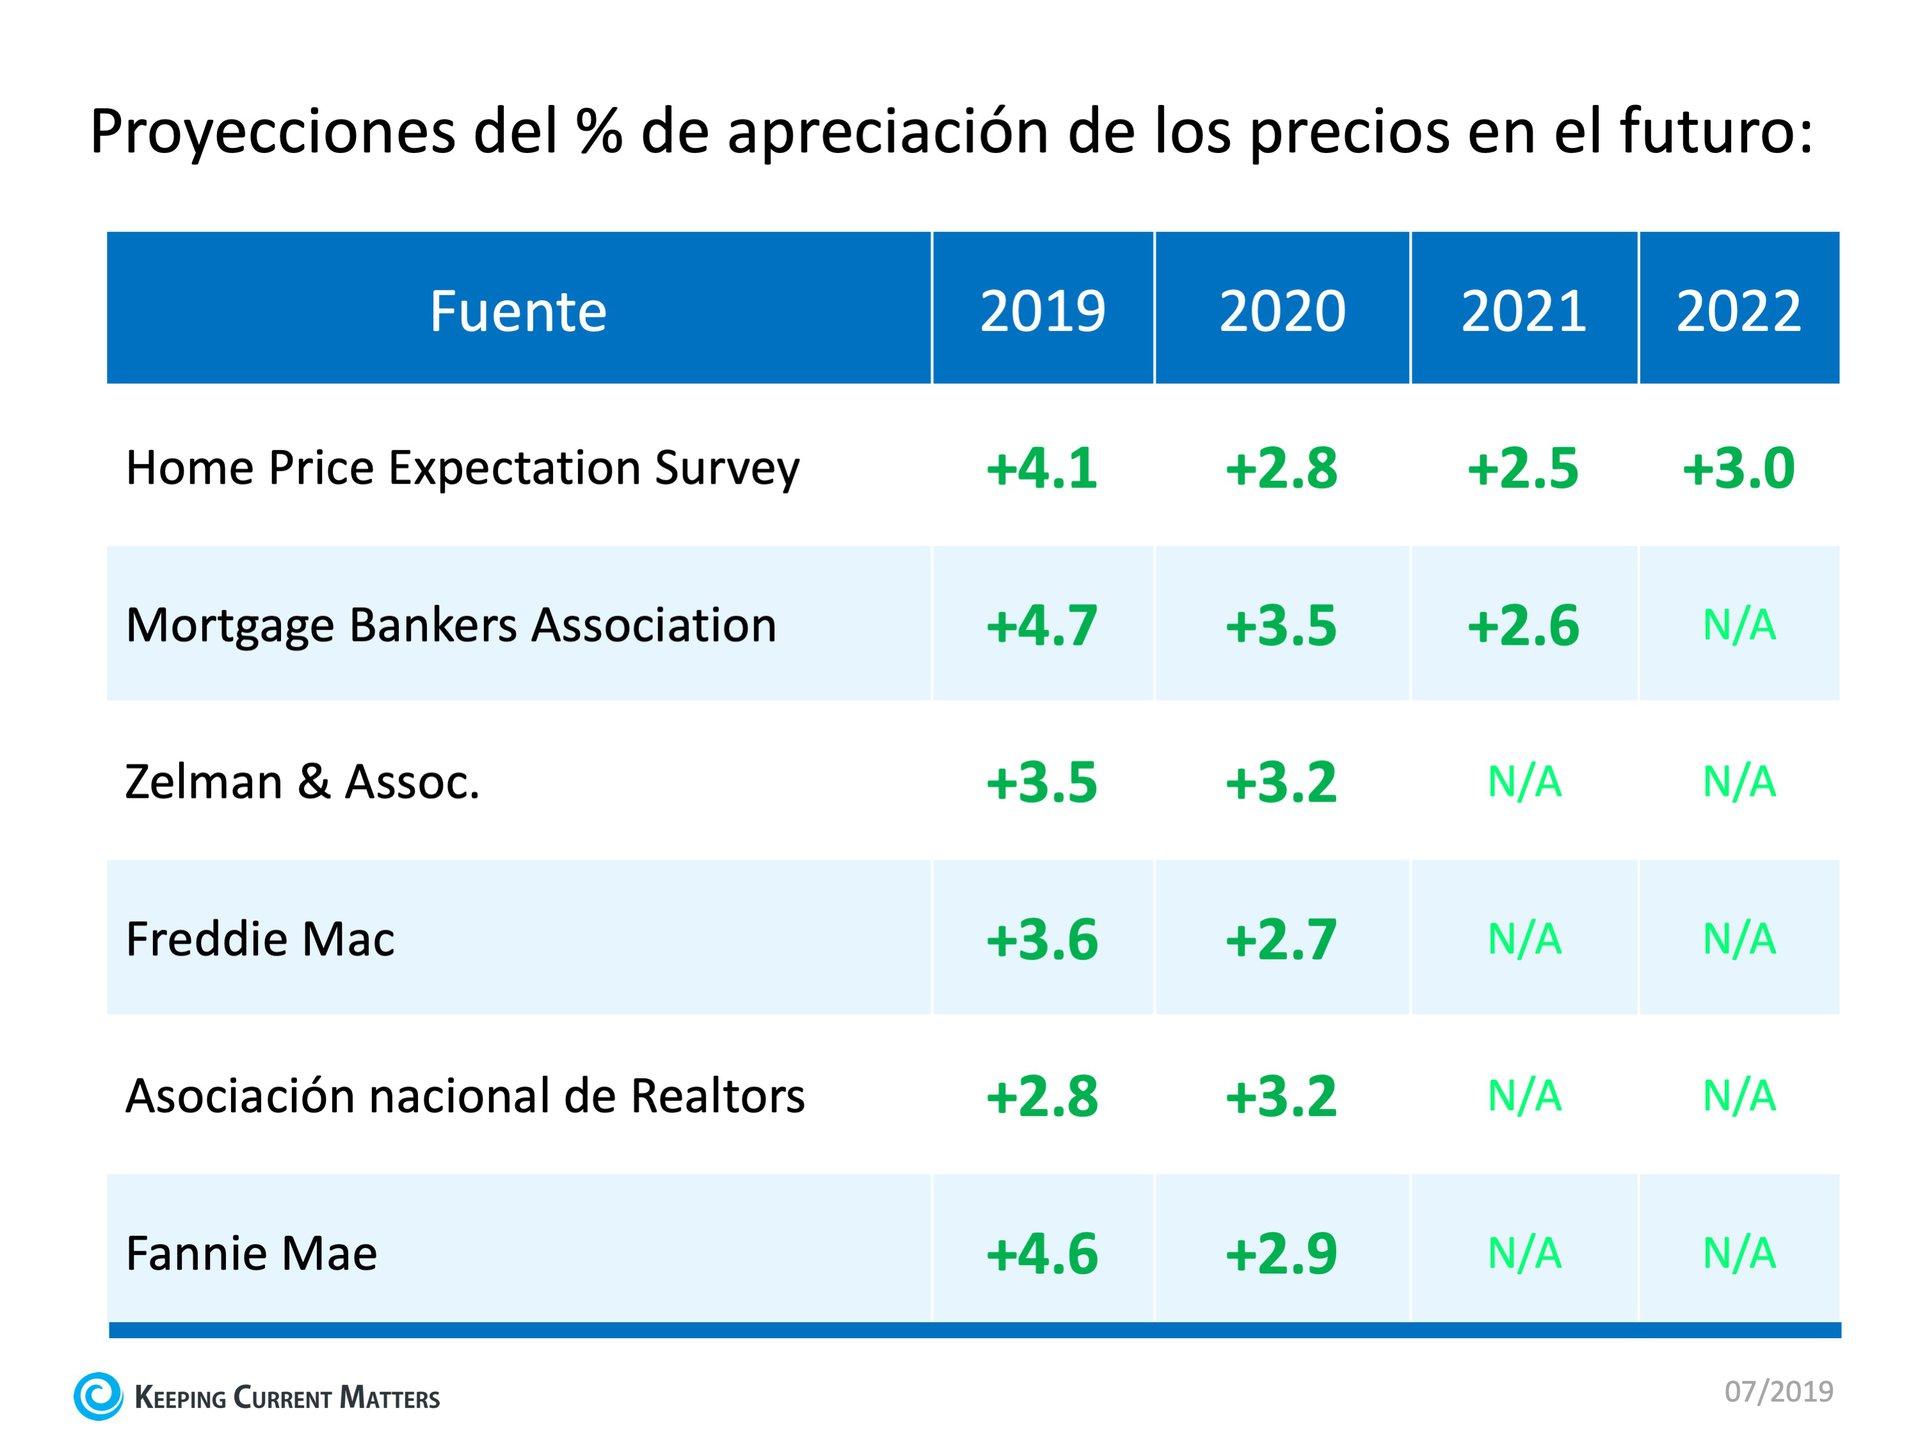 Proyección de la apreciación del precio de las casas | Keeping Current Matters